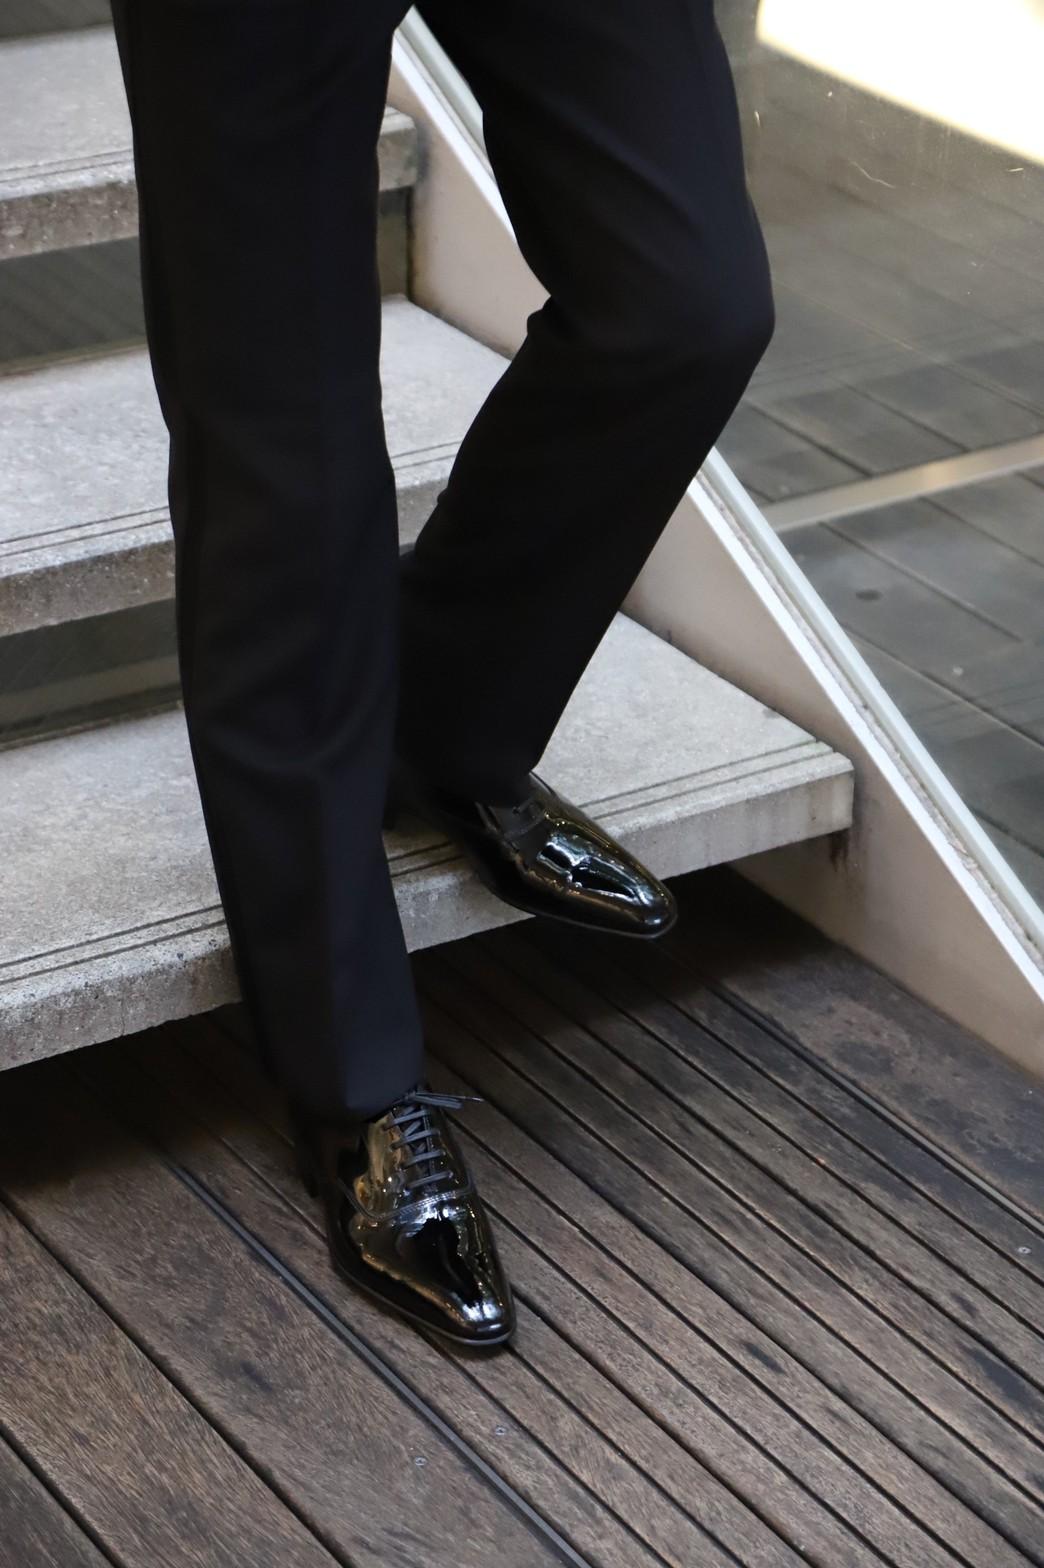 ザトリートドレッシング京都店がご紹介するご新郎様におすすめのイタリアブランド il micio (イルミーチョ)のレースアップシューズをタキシードに合わせたフォーマルスタイル